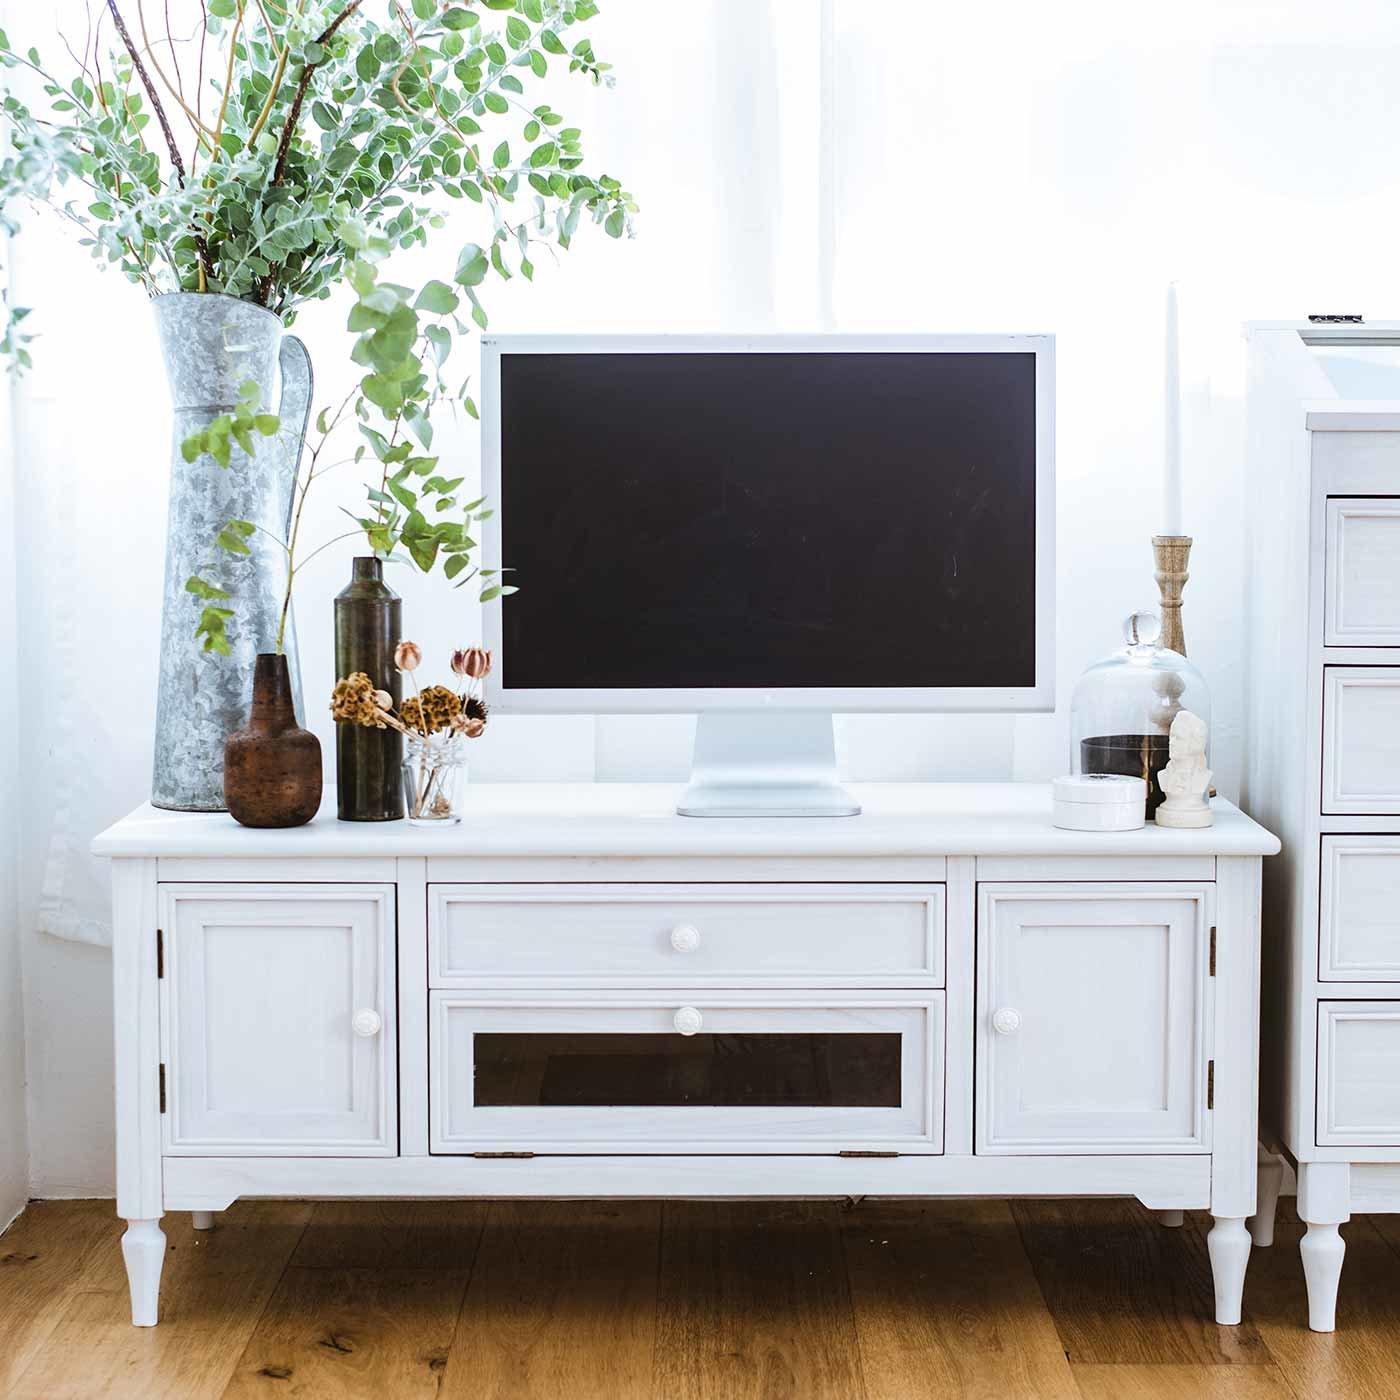 私らしい心地のいい家具 上品ローボード〈ノーブルホワイト〉